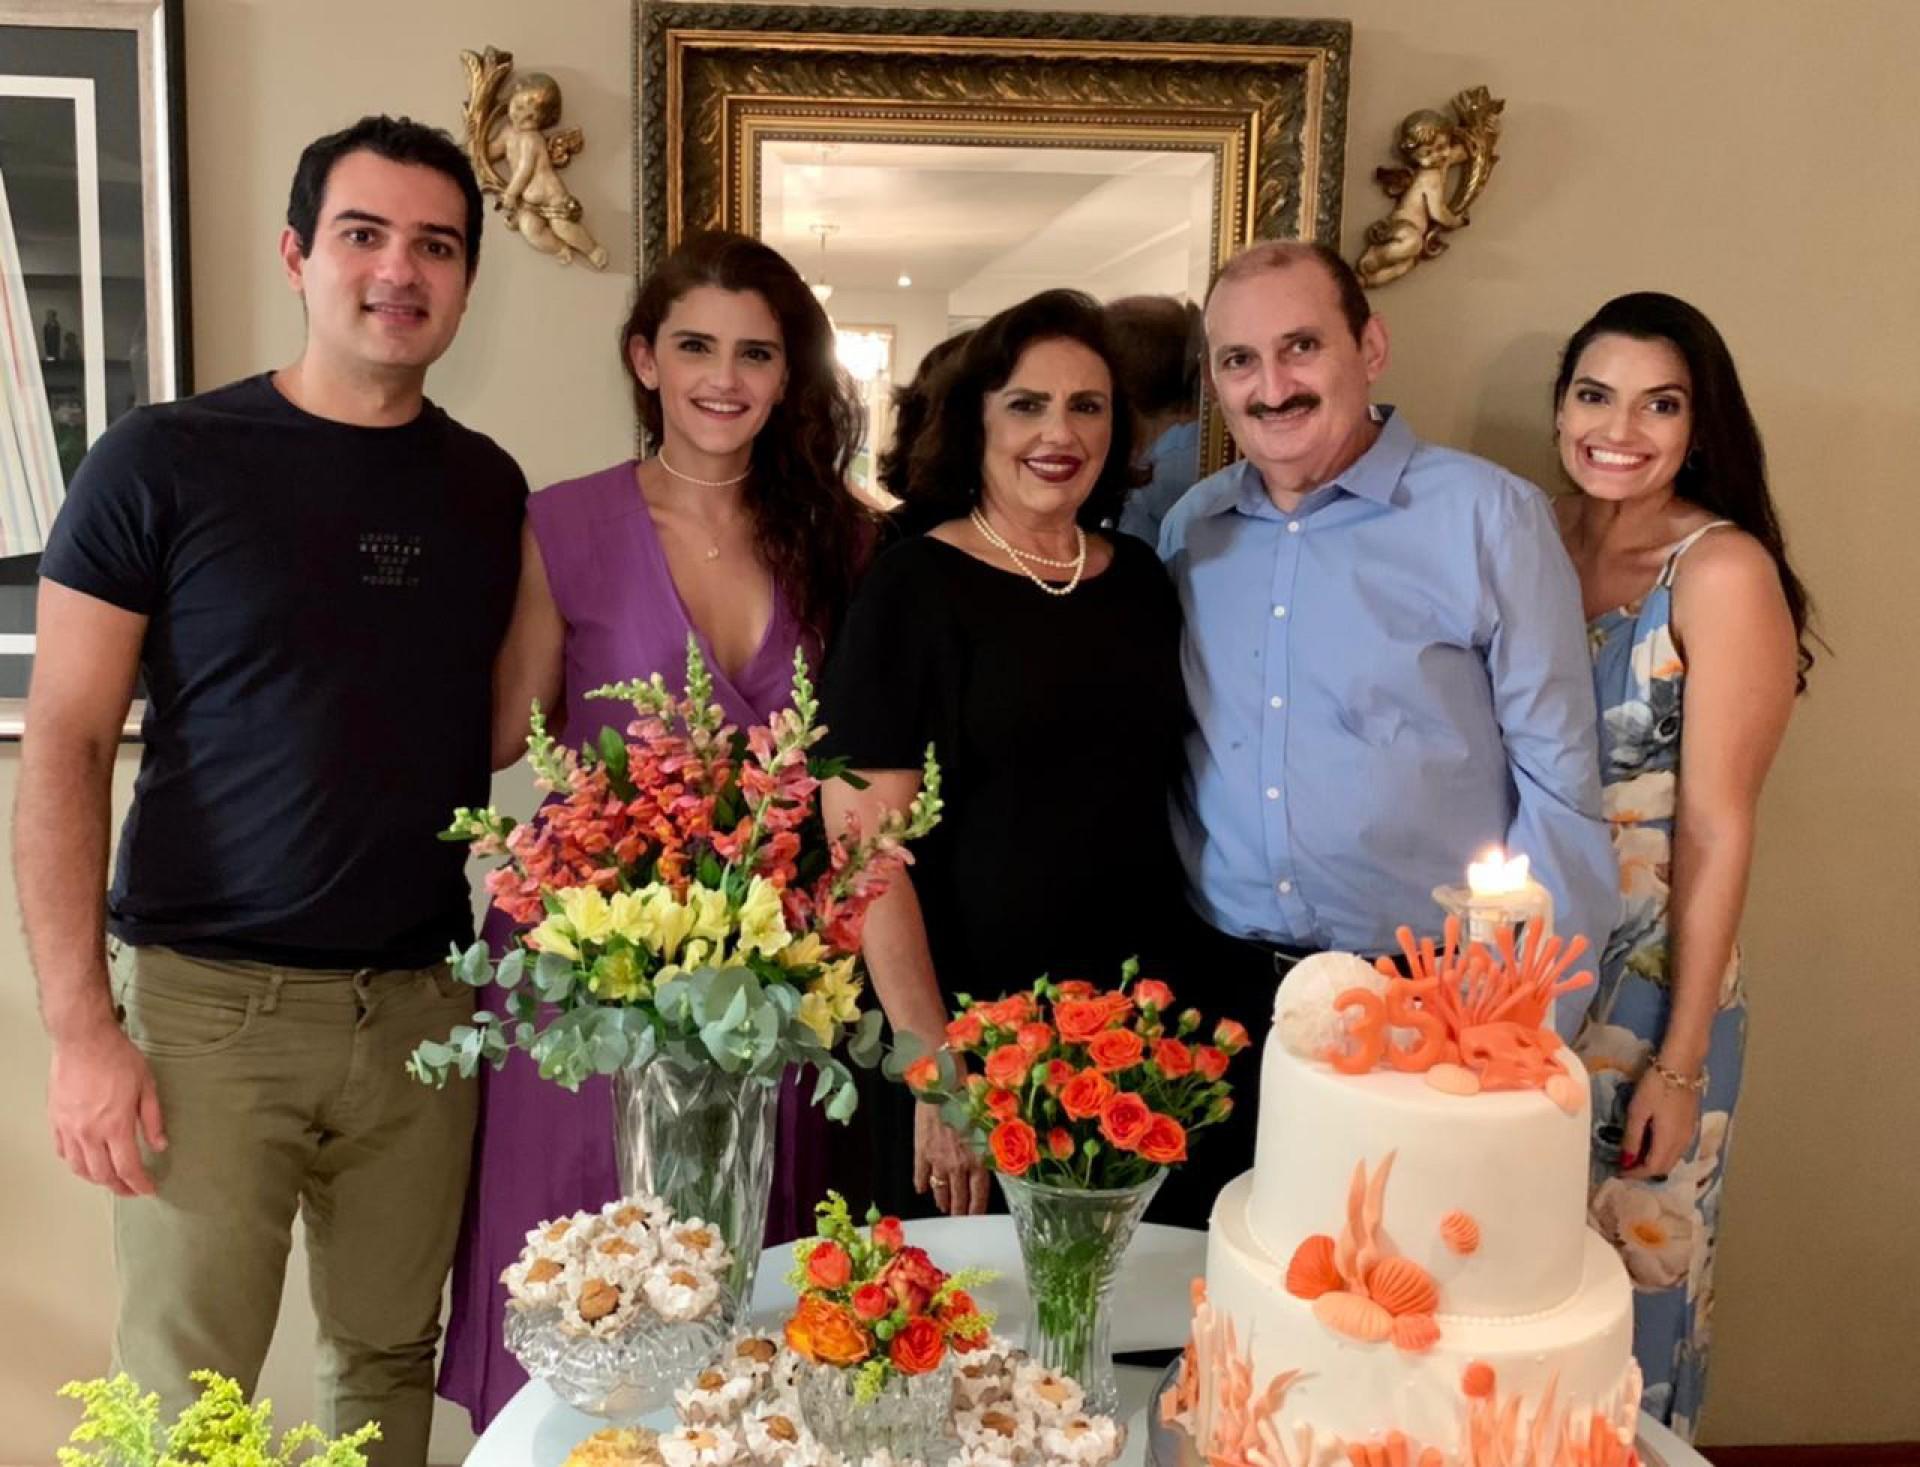 """Desembargador Franzé Gomes e sua queridaValériacomemoram 35 anos de bem casados. Destacam para a coluna que """"o alimento para manter um casamento feliz está no consumo diário do amor, da alegria, da cumplicidade, do respeito às individualidades e na curtição da família"""""""